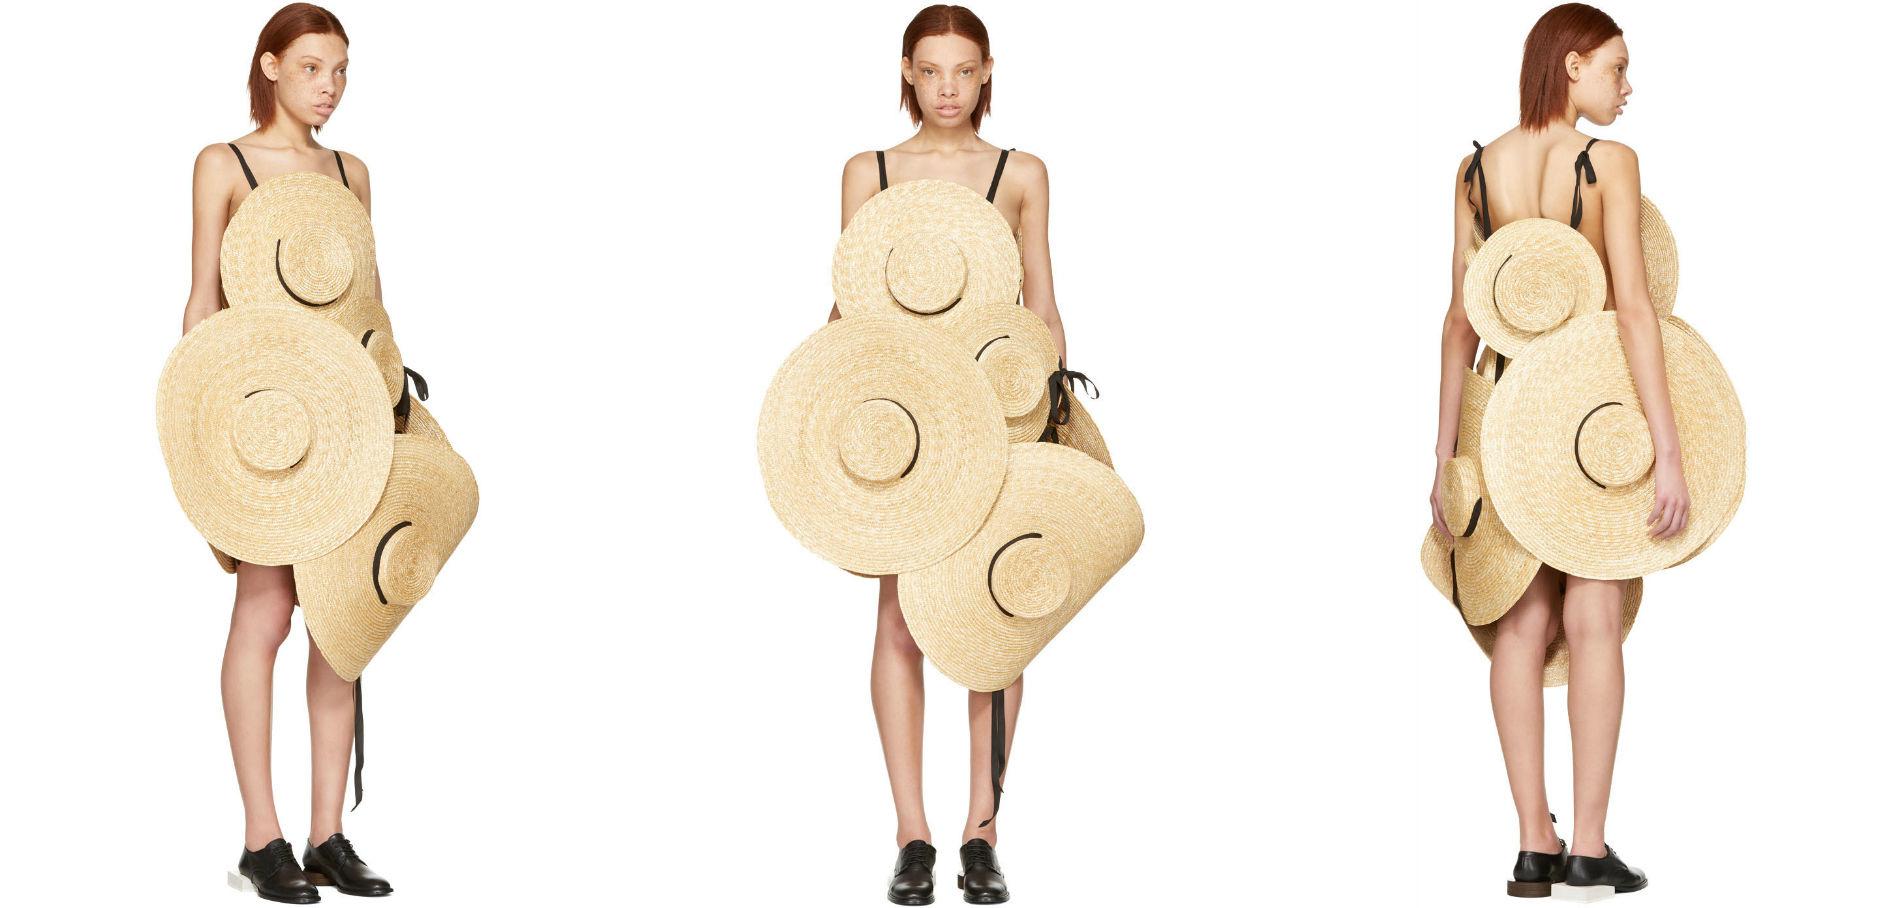 8 Adet Hasır Şapkadan Oluşan 3000 Dolarlık Elbise